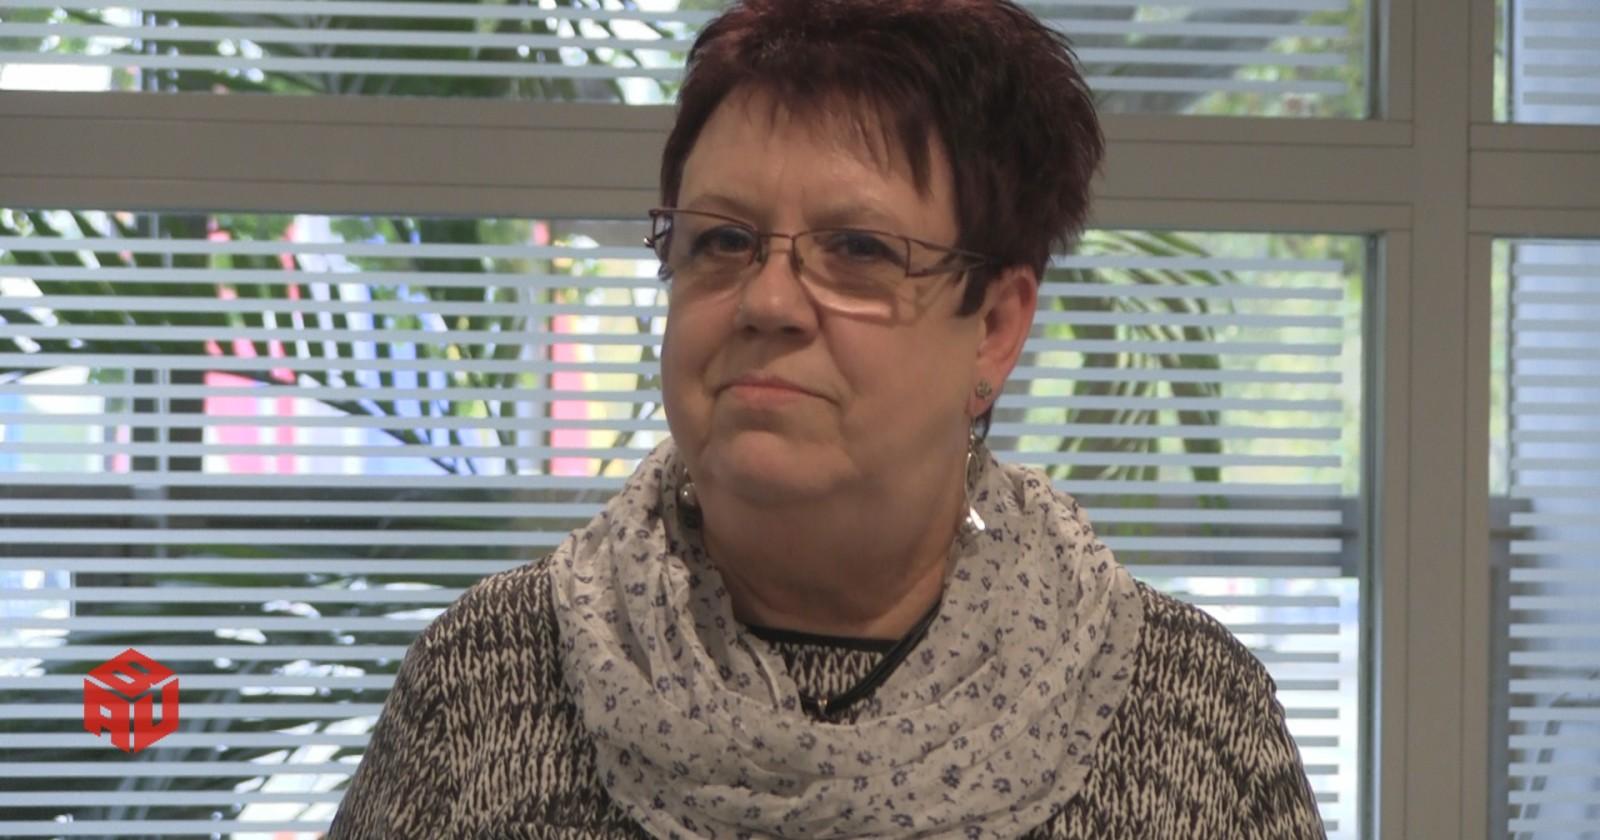 Stimmen der IG BAU Bundestarifkommission zum Verlauf der Tarifgespräche - Inge Bogatzki